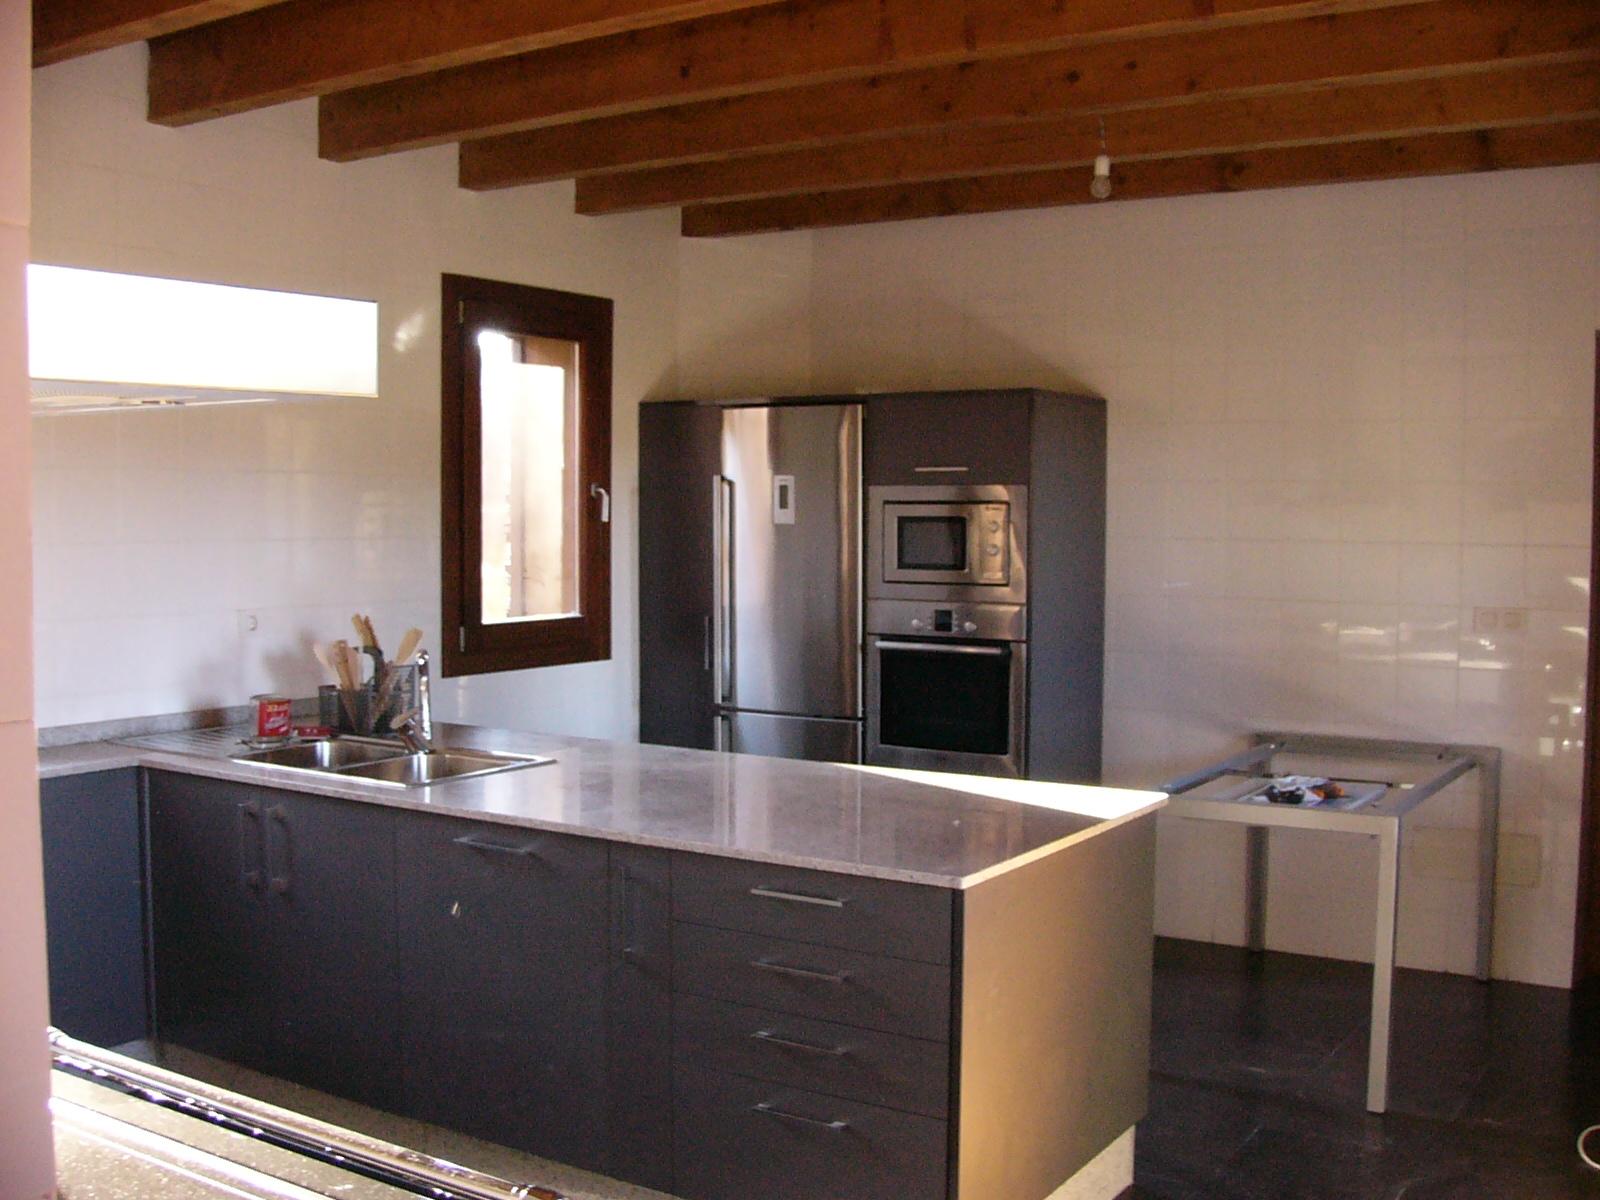 Sfc muebles sostenibles y creativos cocinas for Muebles de cocina blanco y gris